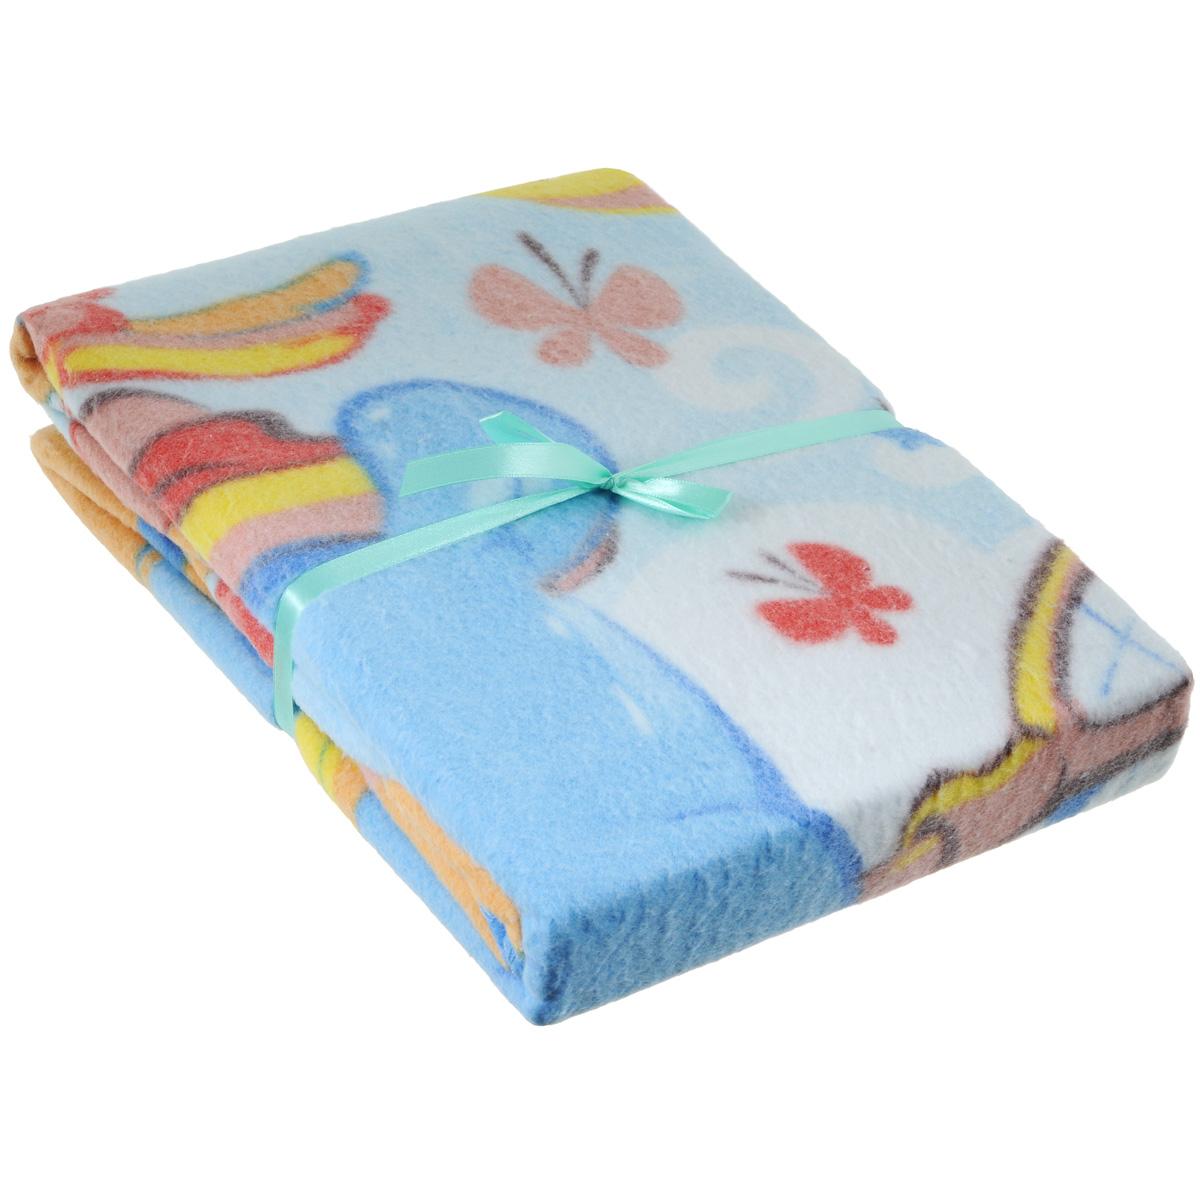 Одеяло детское Baby Nice Бегемот и попугай, байковое, цвет: голубой, 100 см x 140 см пледы baby nice отк одеяло детское вязанное 90х118